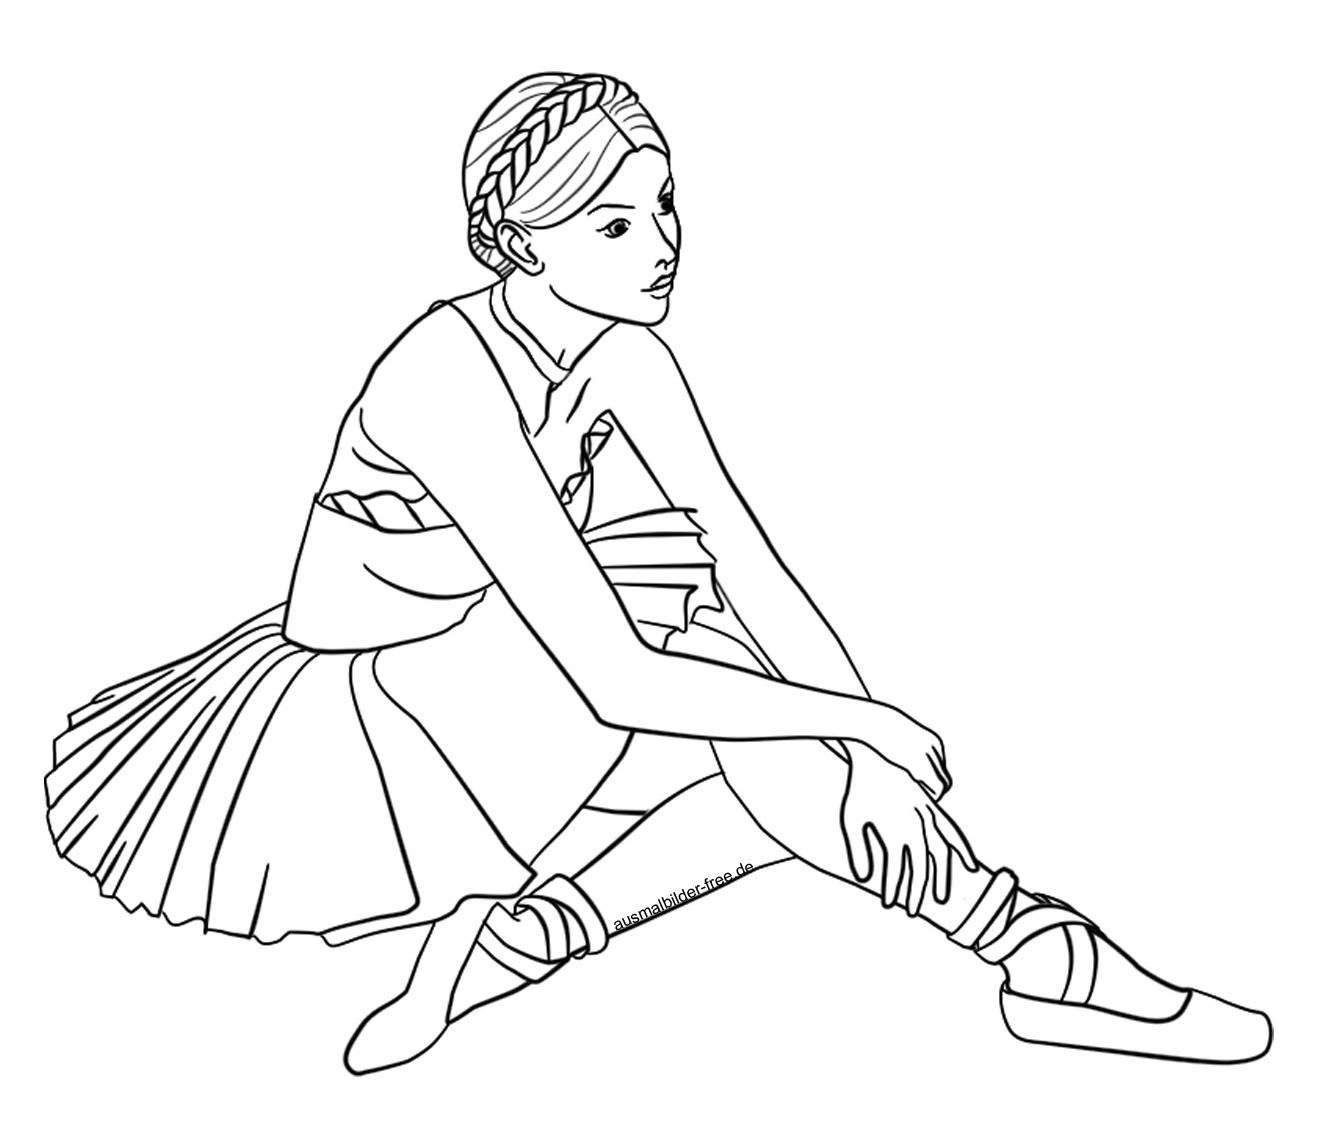 Meine Freundin Conni Ausmalbilder Inspirierend Emma Tanzt Ballet Kiddimalseite Best Ballett Ausmalbilder Das Bild